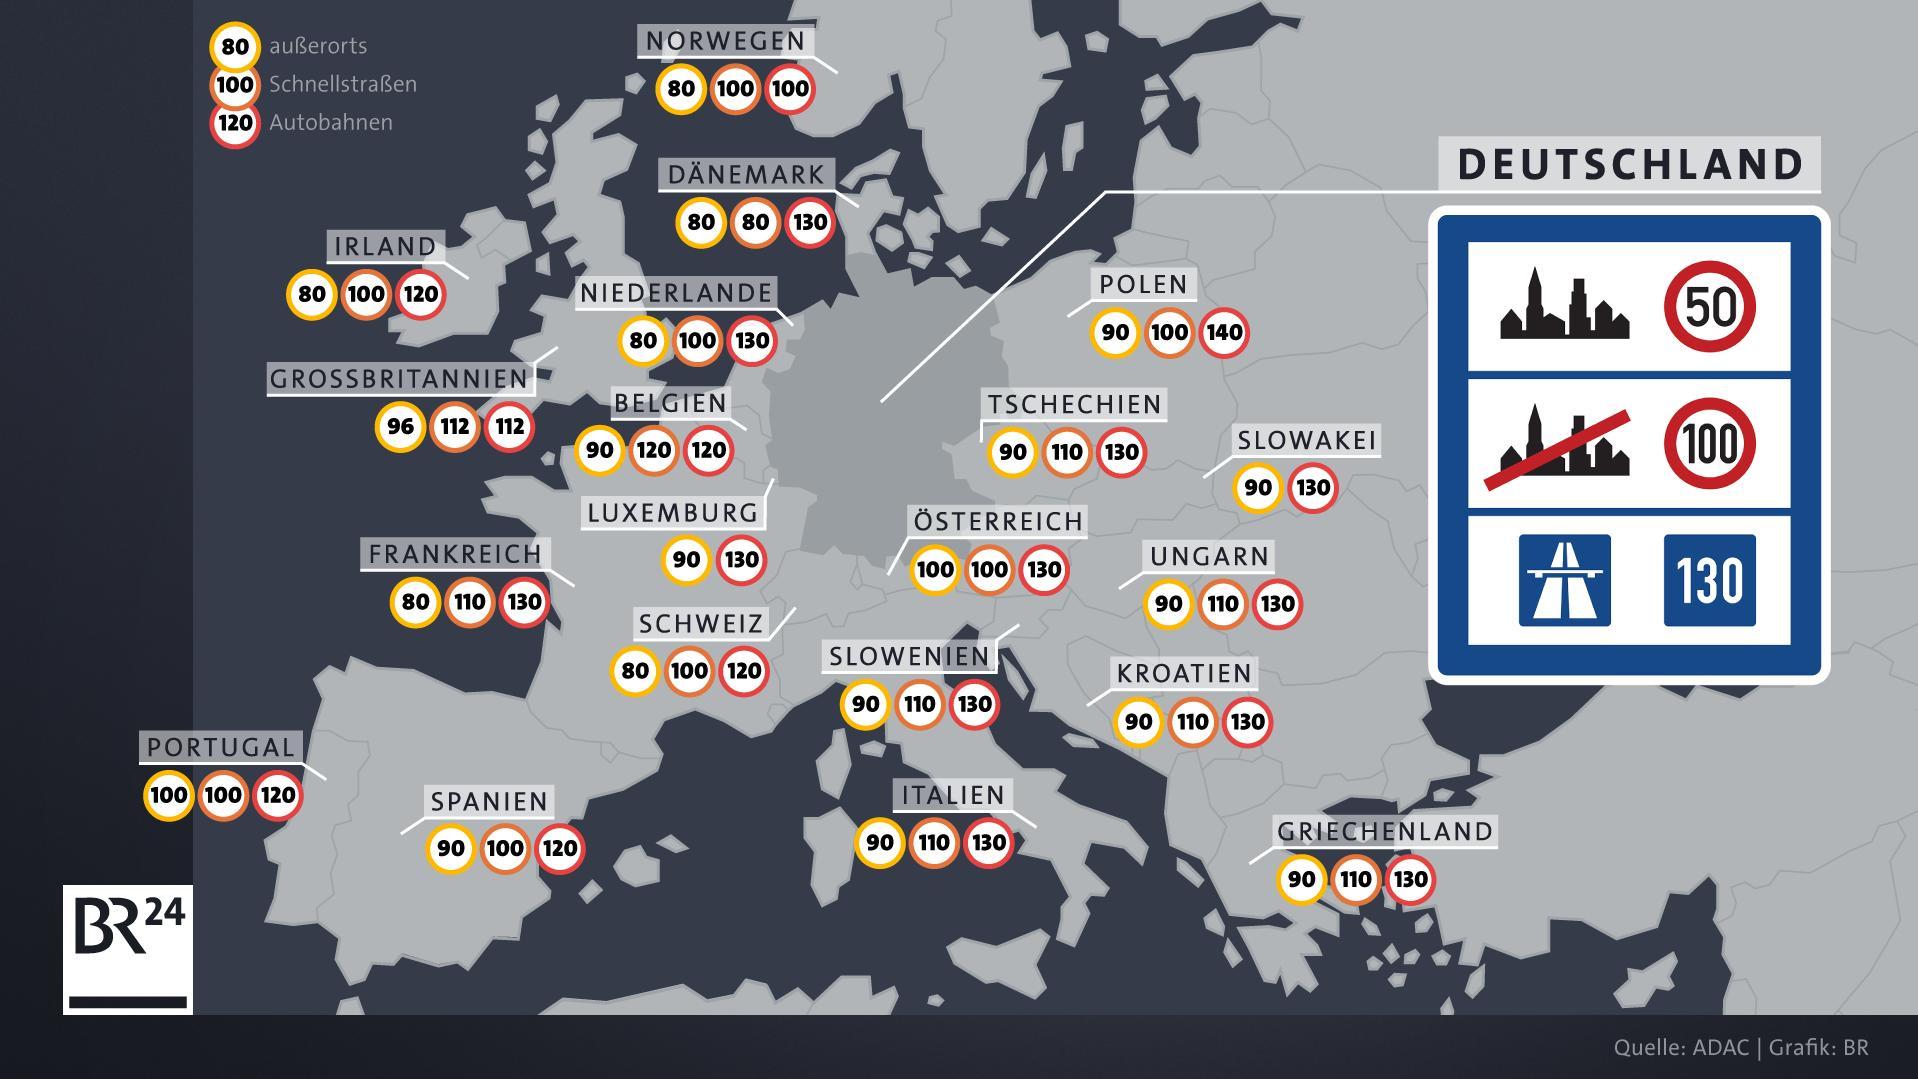 Deutschland ist das einzige Land in der EU, in dem kein Tempolimit auf Autobahnen gilt.